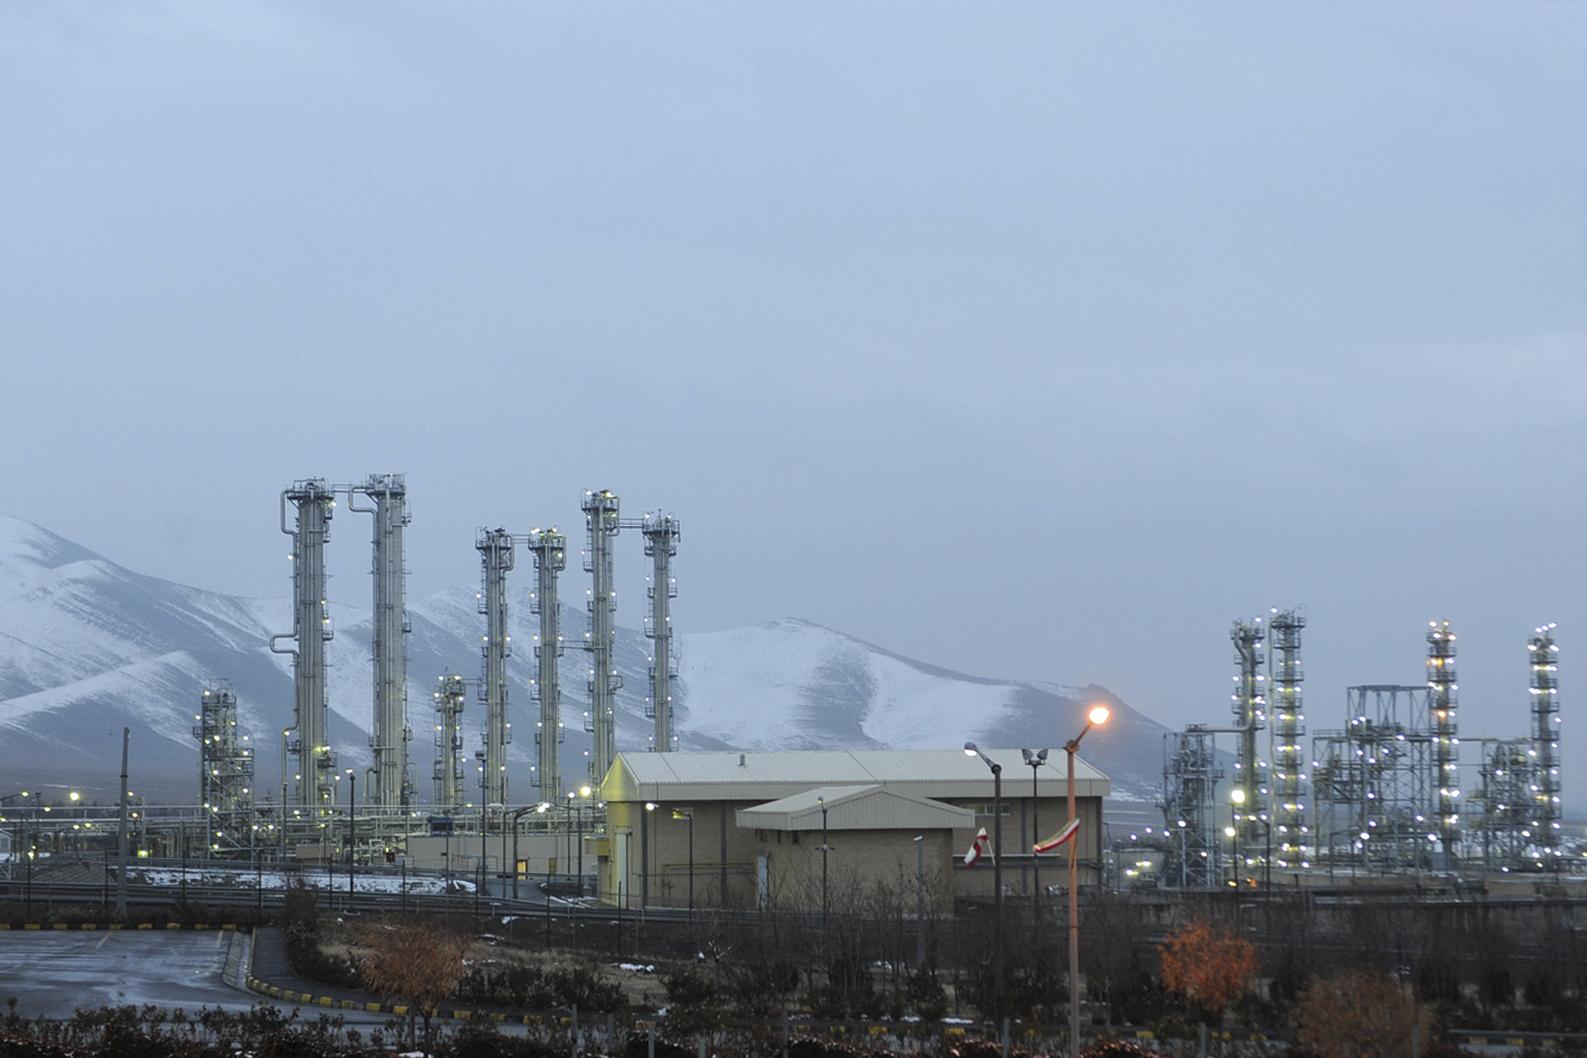 وكالة الطاقة الذرية: إيران خصبت اليورانيوم لأعلى درجة نقاء حتى الآن